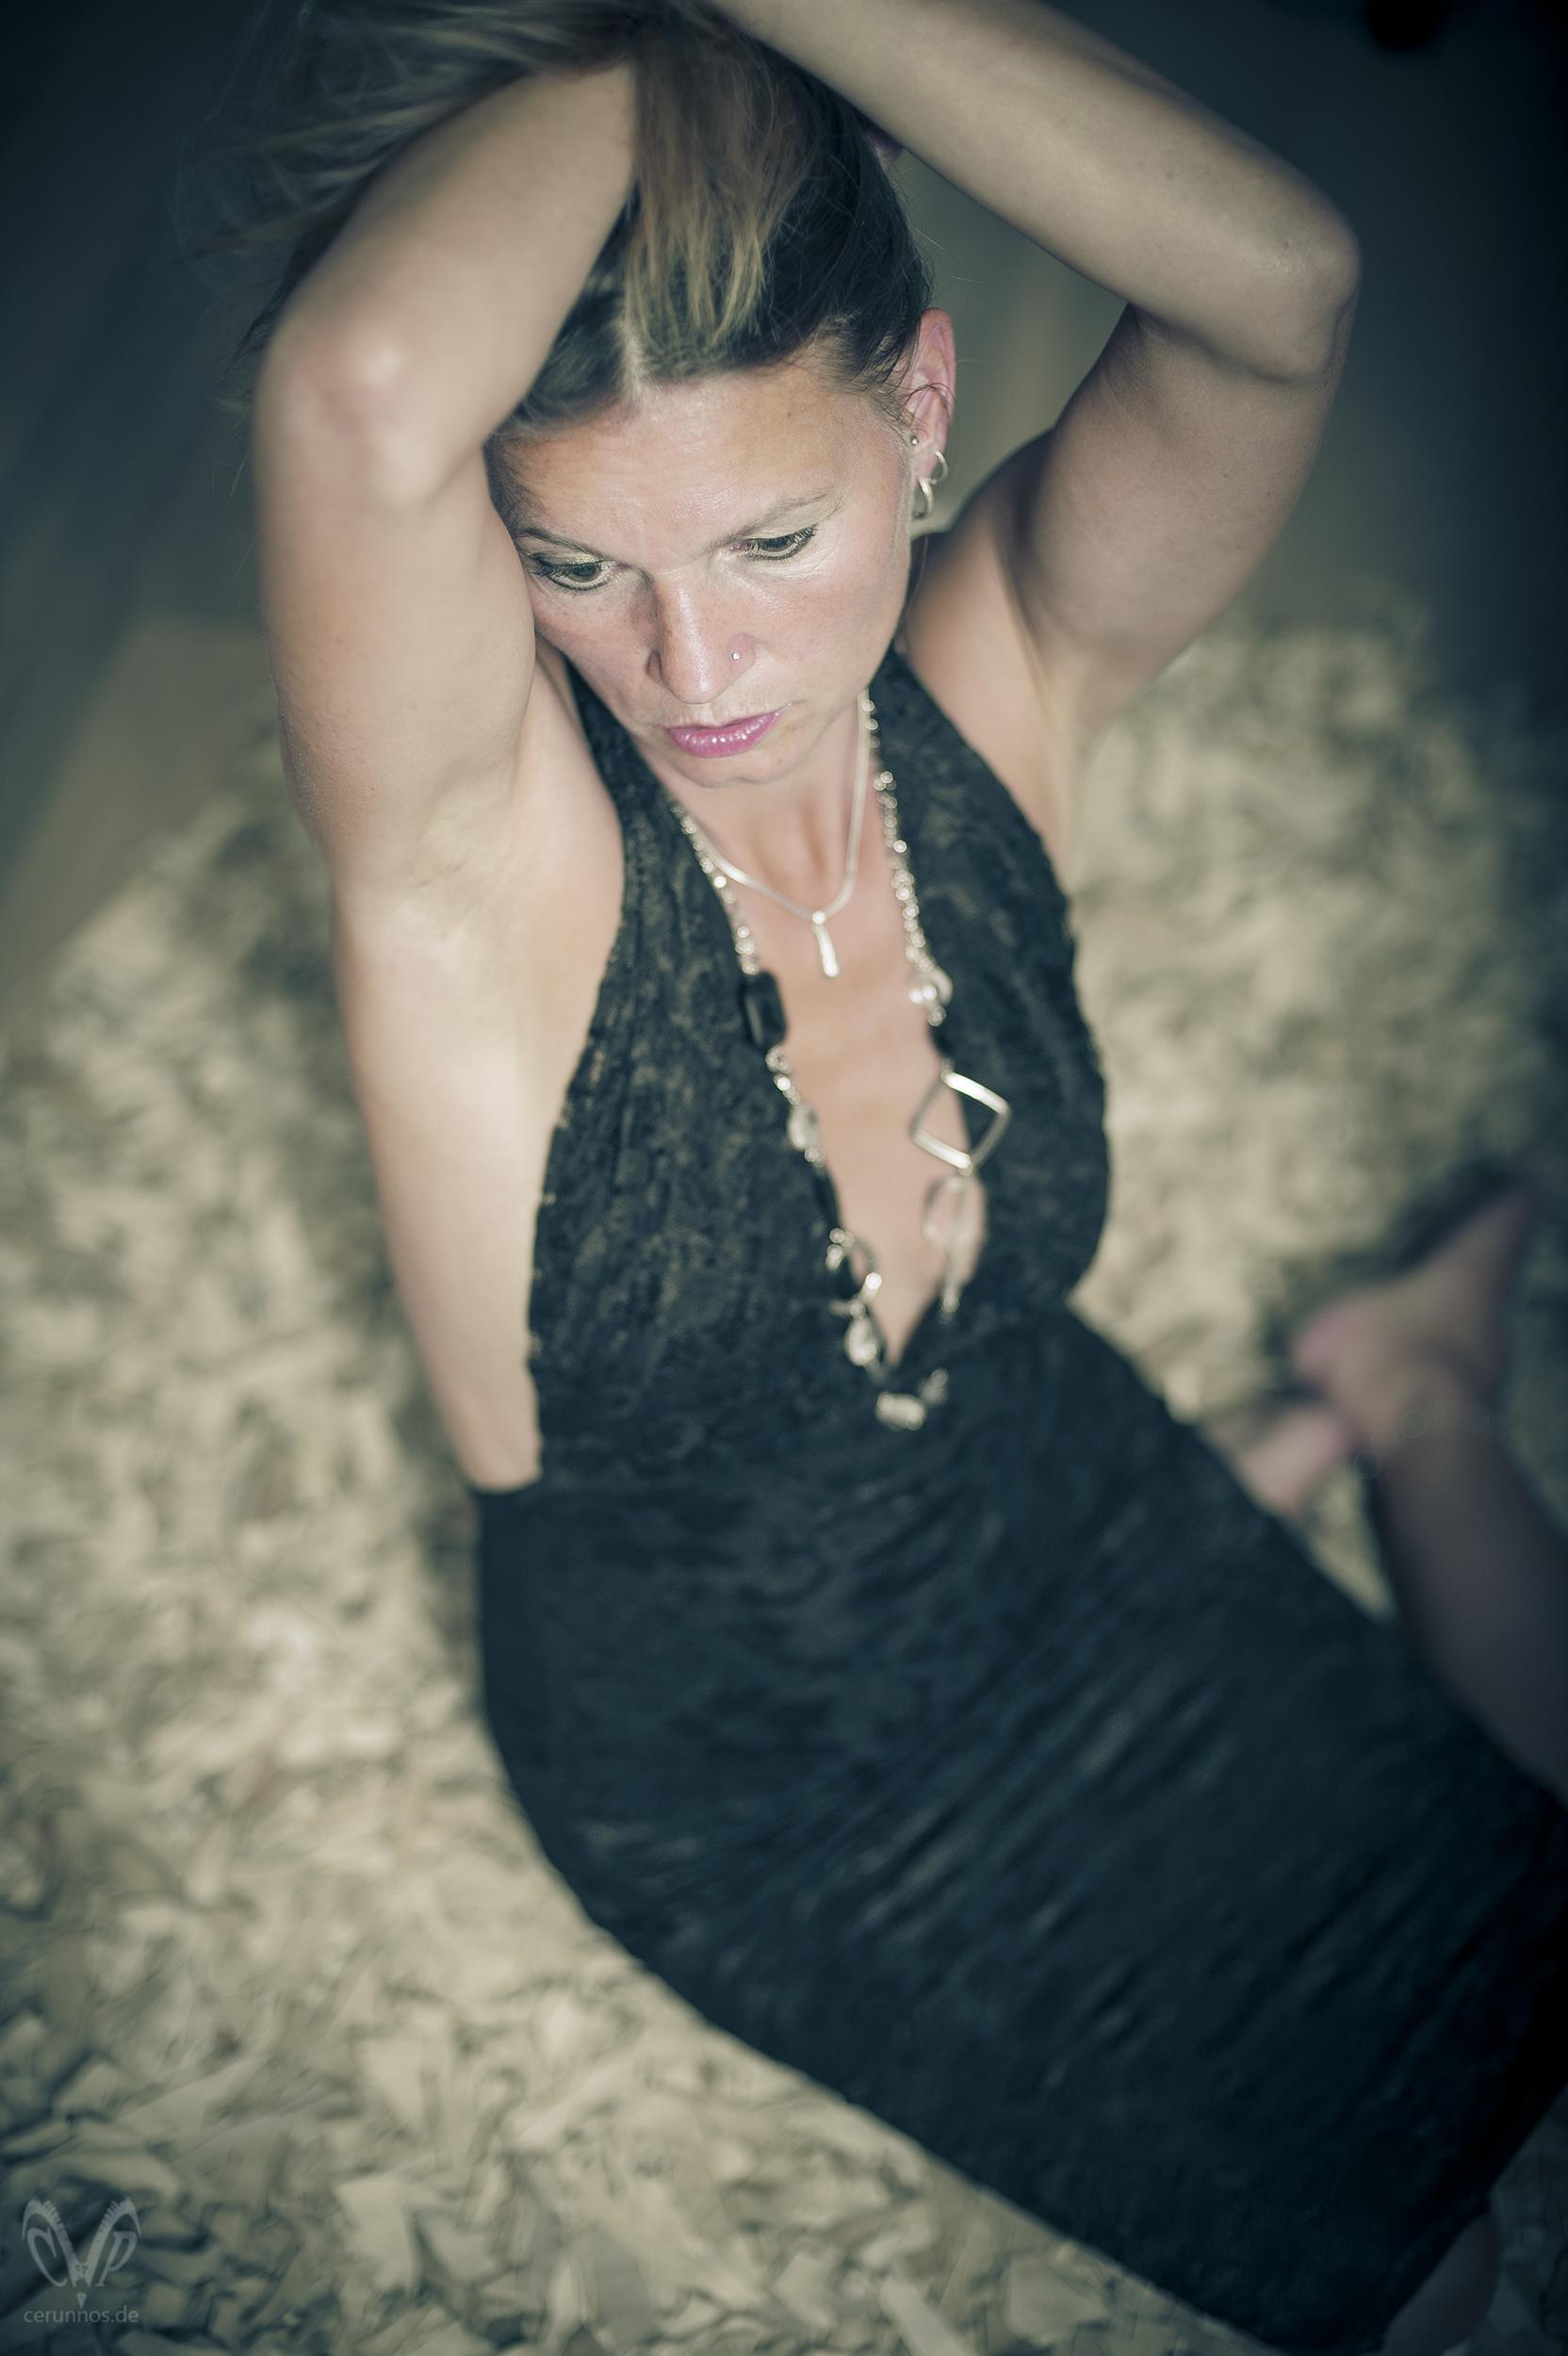 München sinnliche massagen sensual Tantric